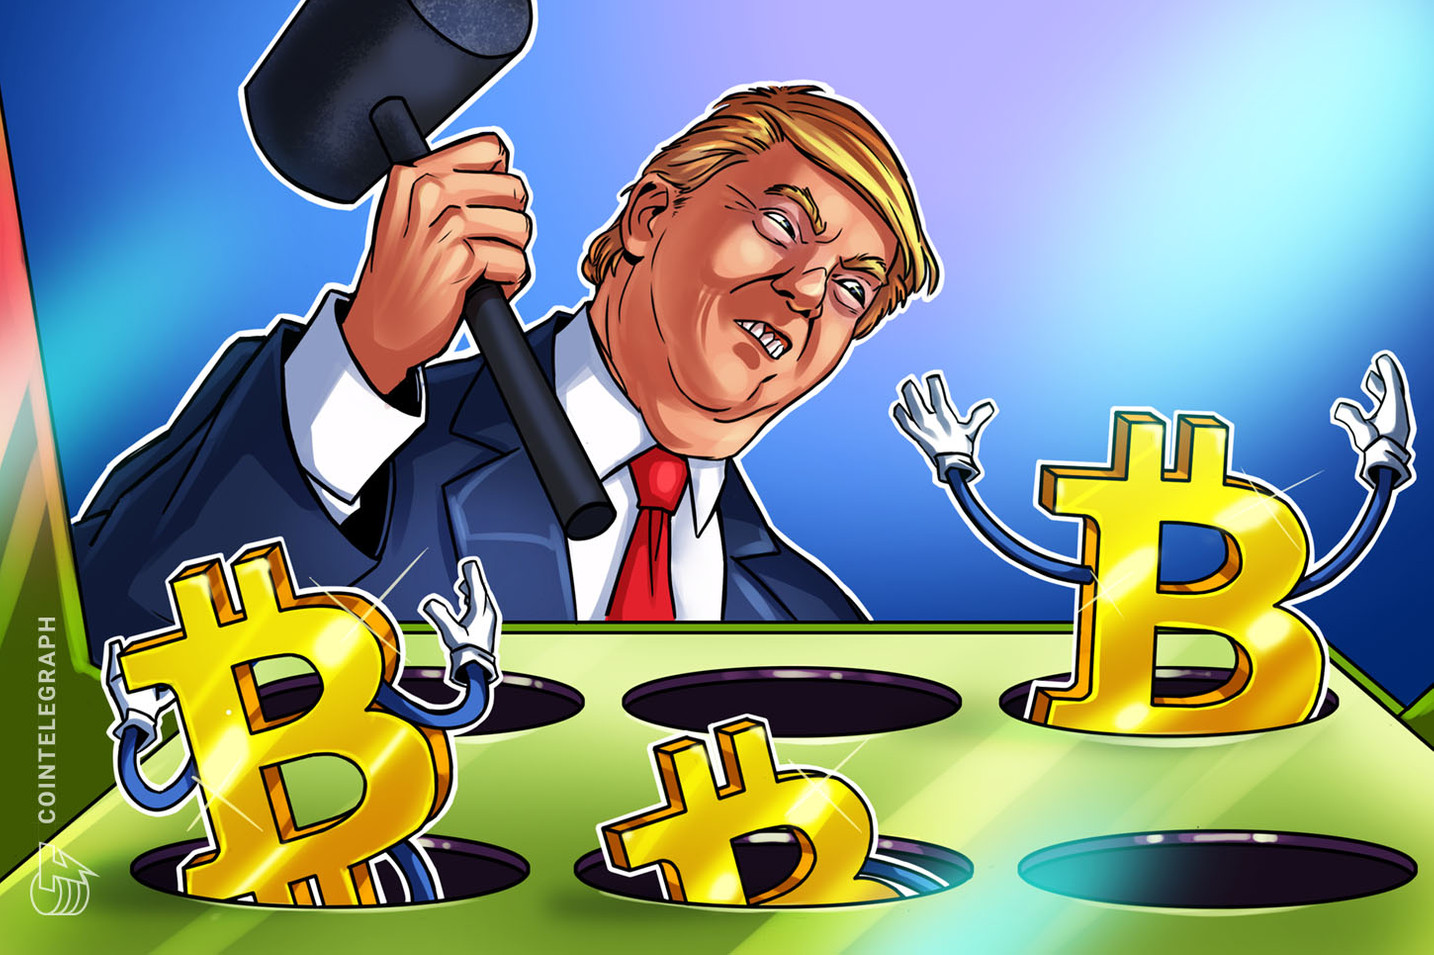 Precio de Bitcoin cae junto a las principales bolsas tras la noticia del positivo por Coronavirus de Donald Trump